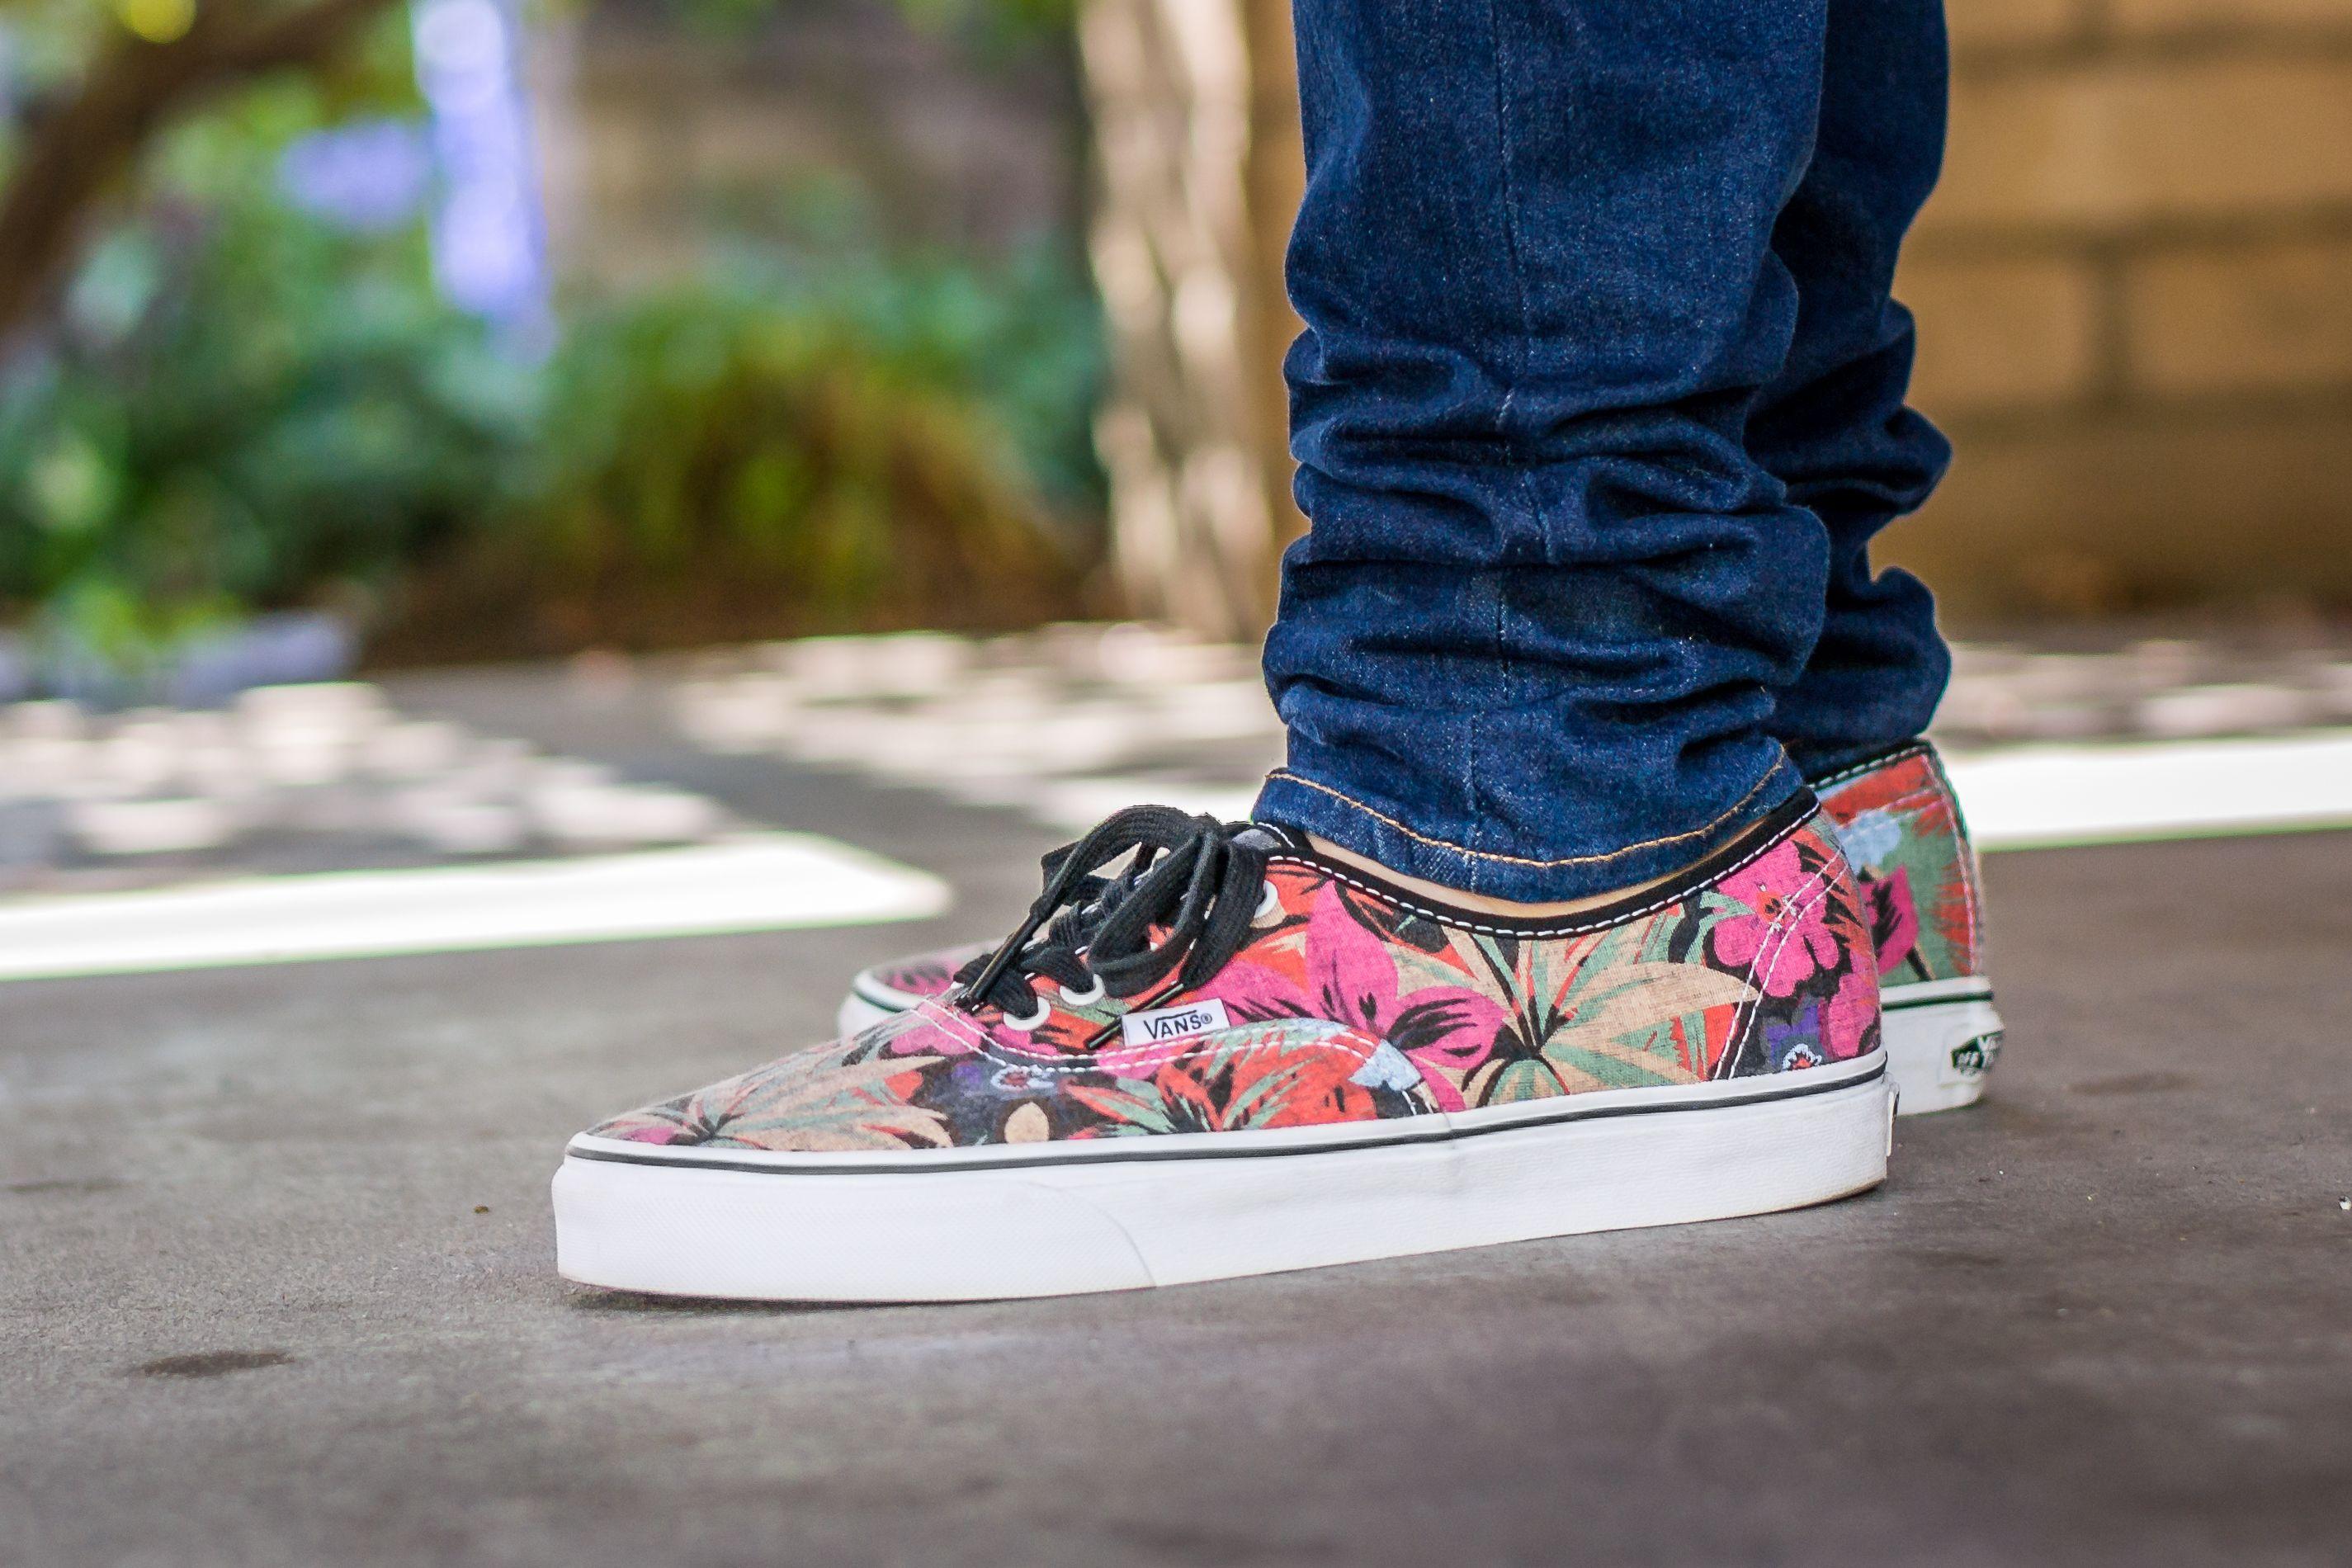 Vans Authentics Hamptons On Feet Sneaker Review | Sneakers ...